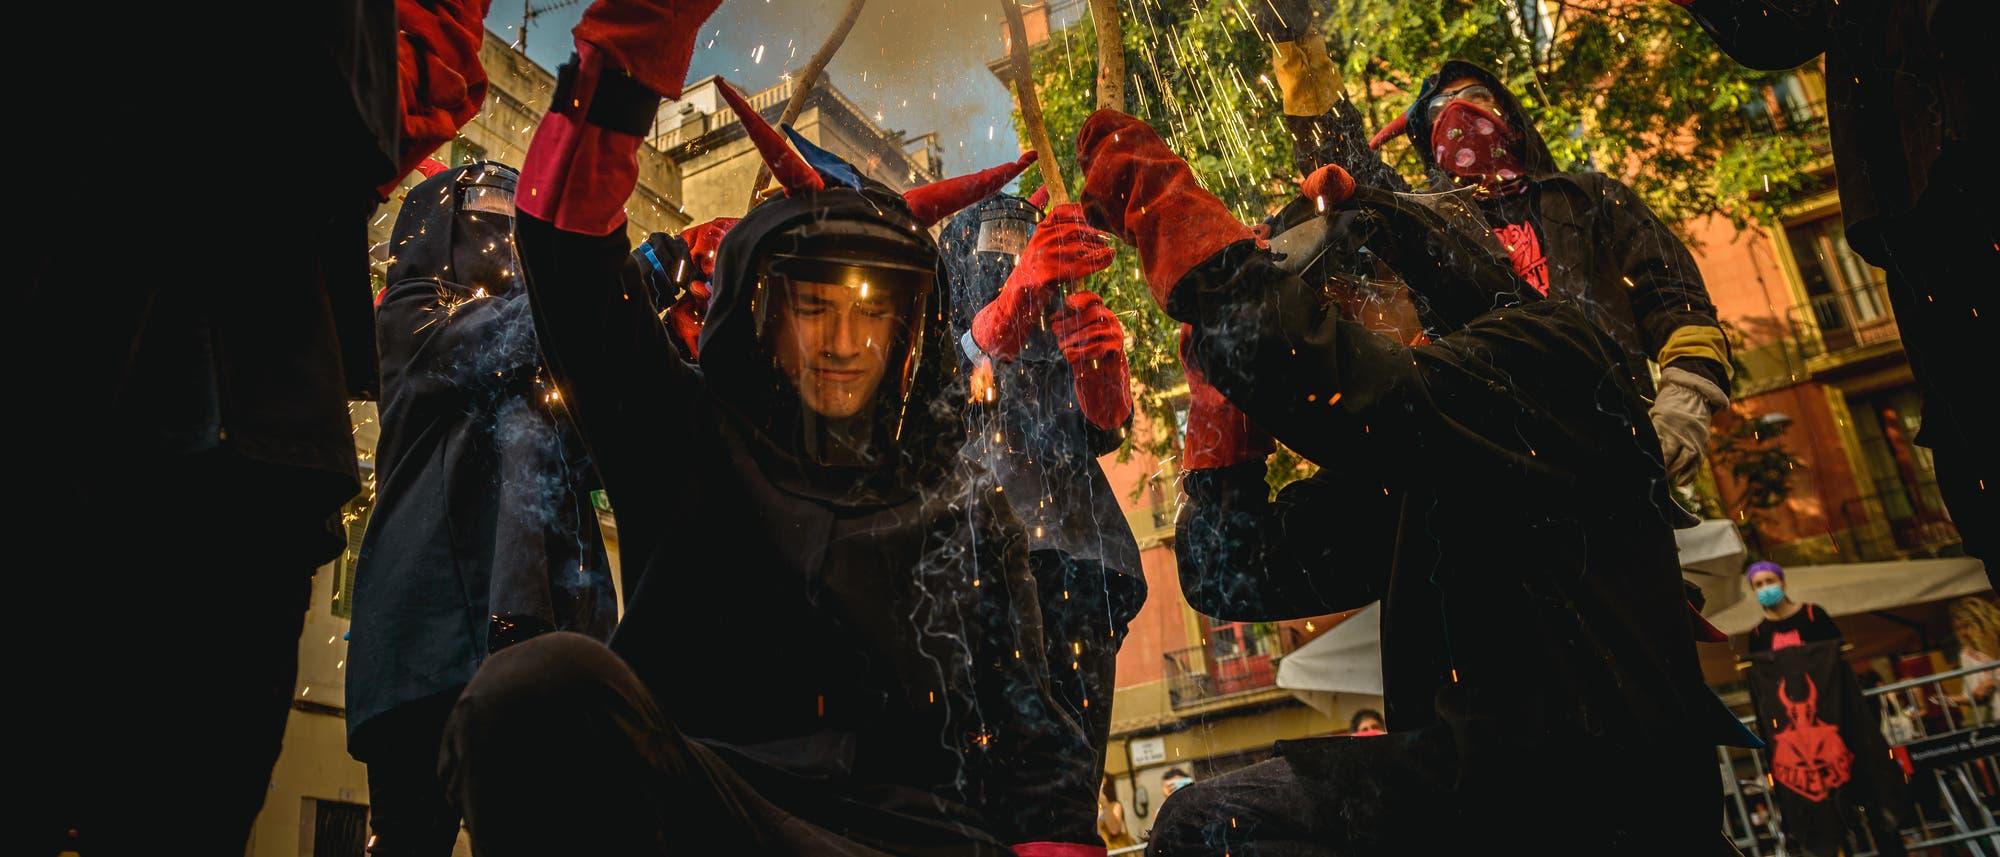 Feuerläufer der katalonischen 'Diables Vell de la Gracia' in Teufelskostümen tanzen zu traditionellen Trommeln und entzünden Feuerwerk.